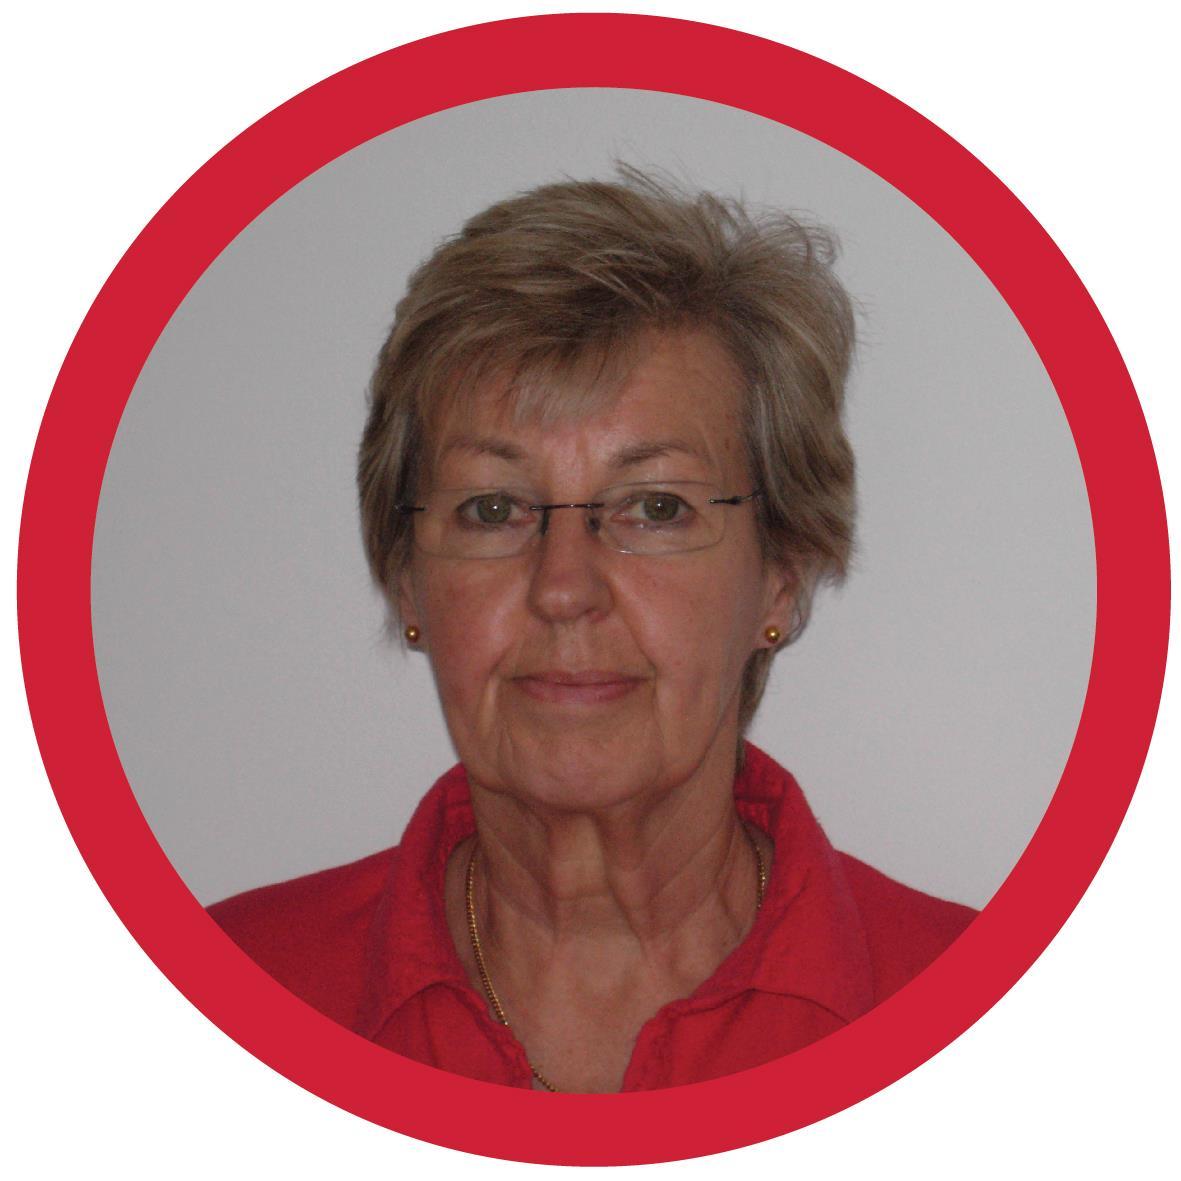 Fiona Leach